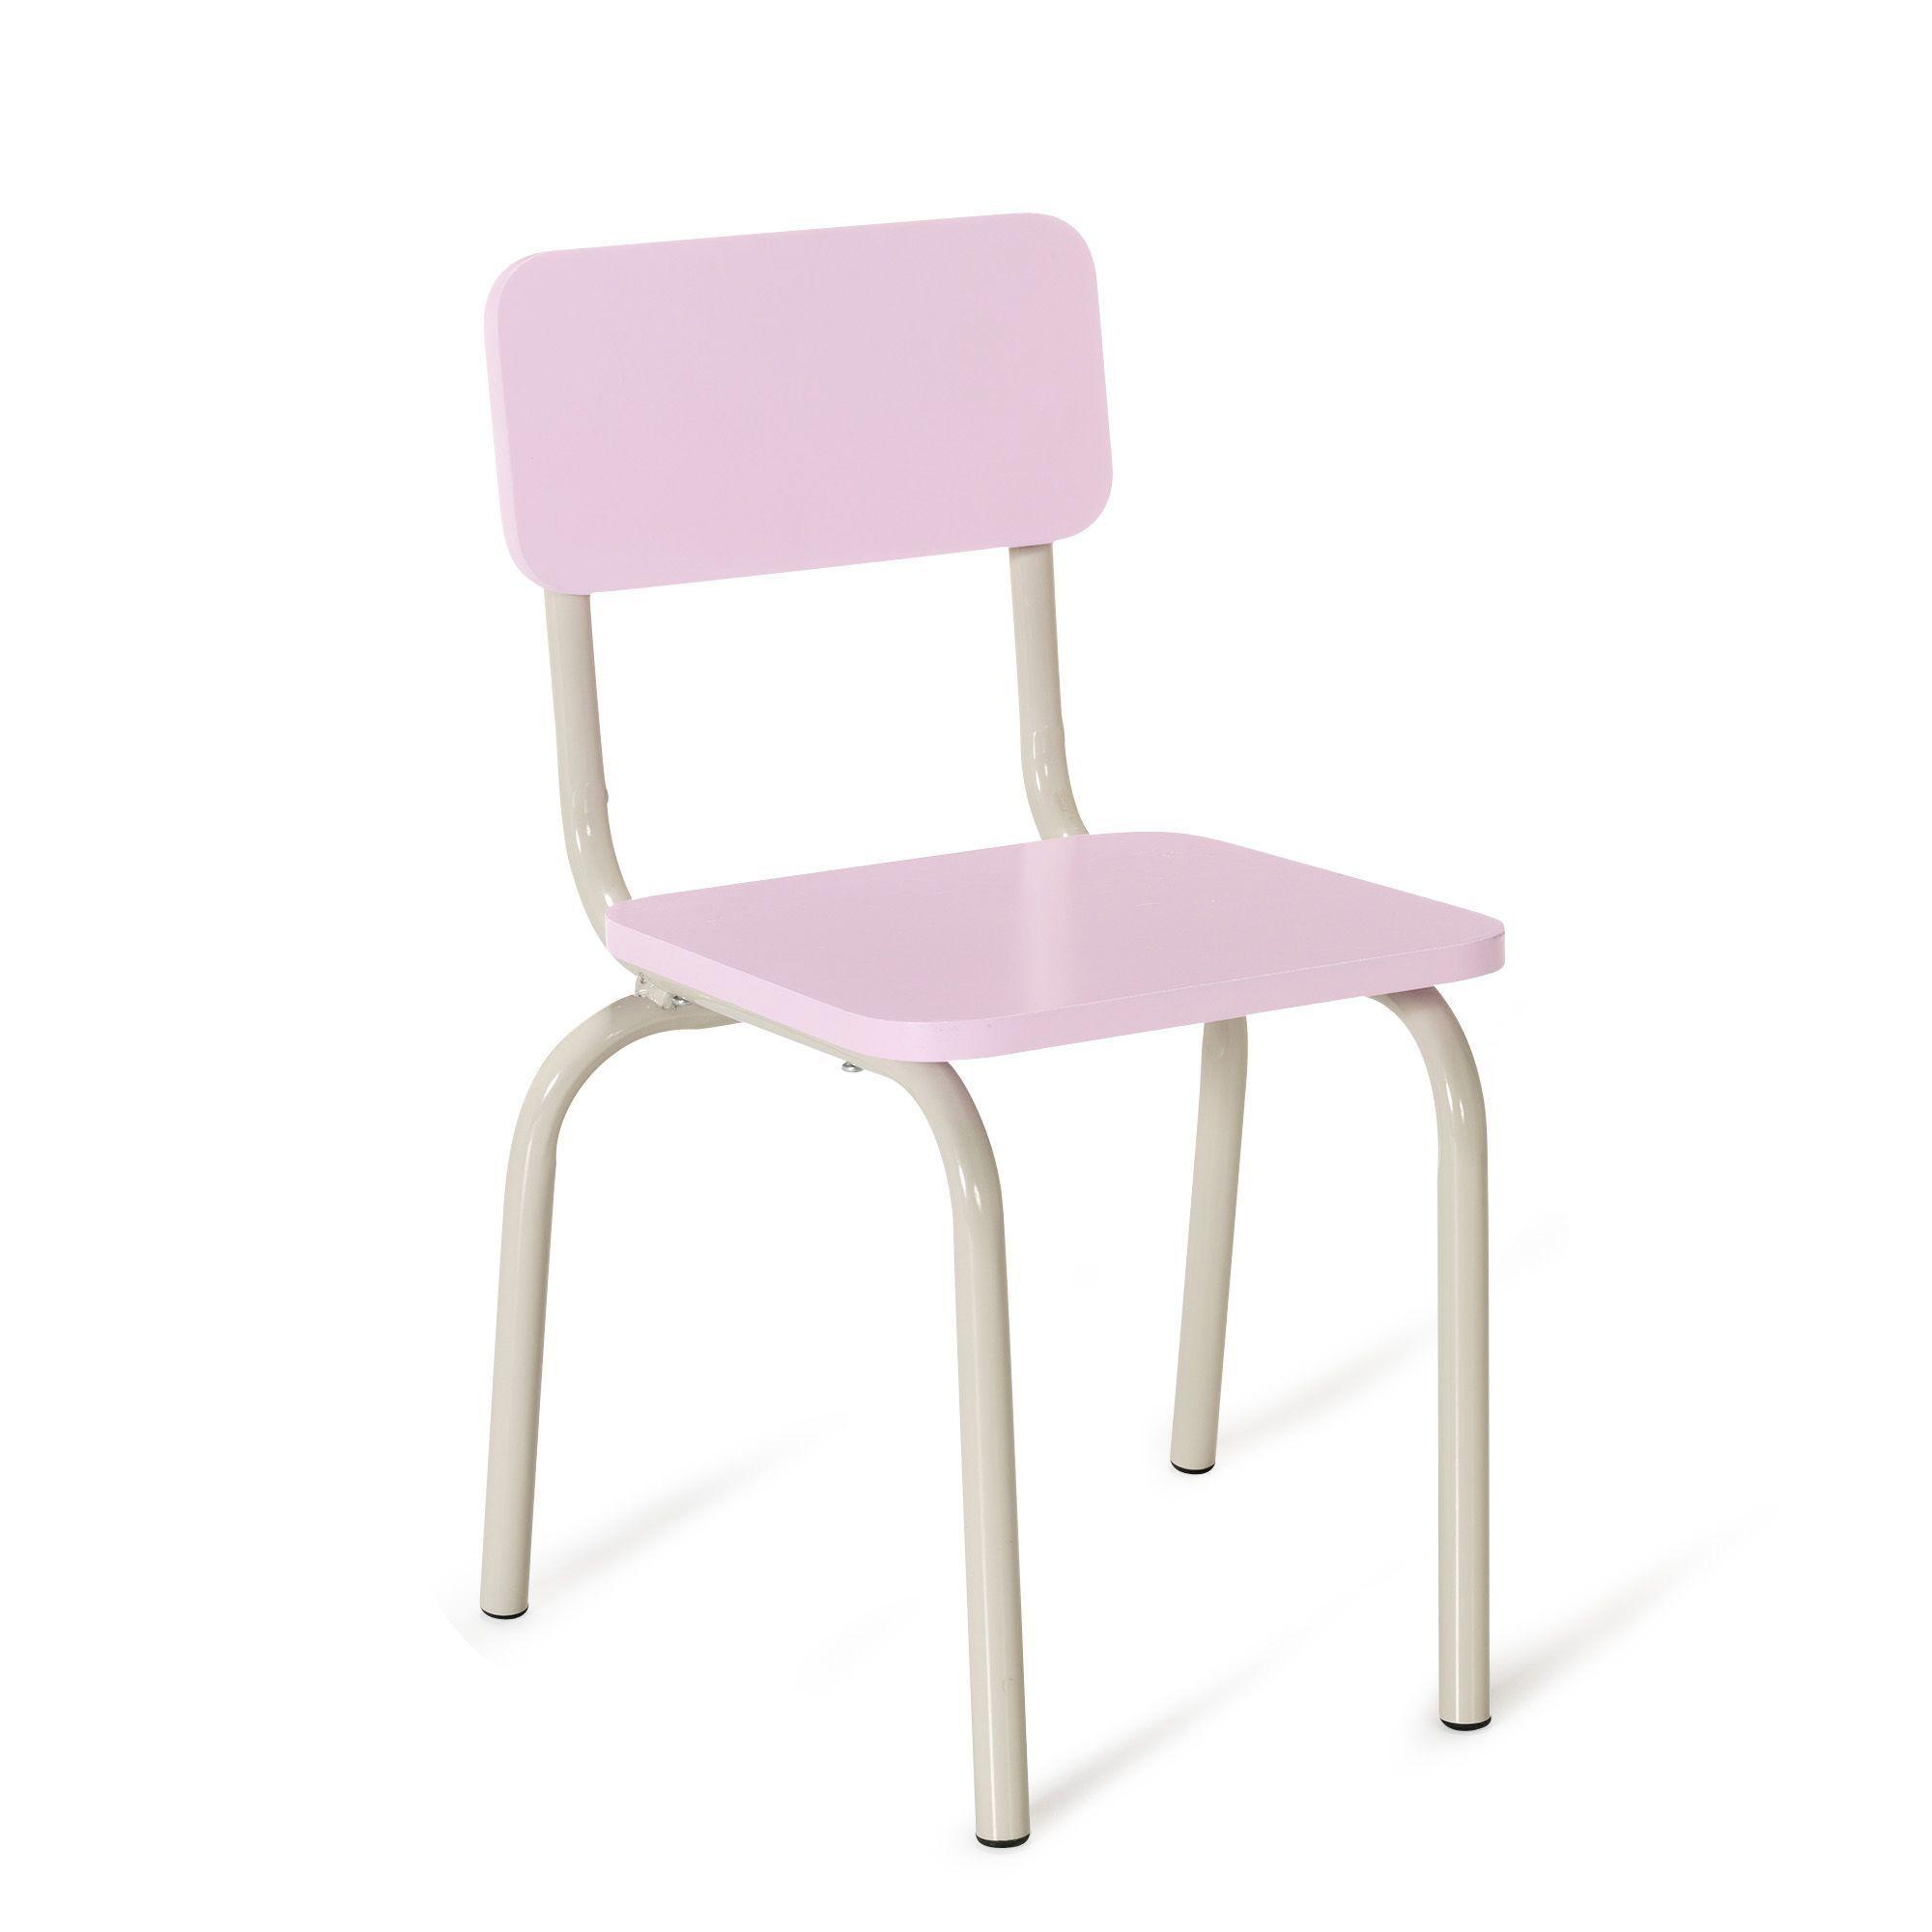 Chaise rose pour enfant en métal Rose Tubilo Les chaises et